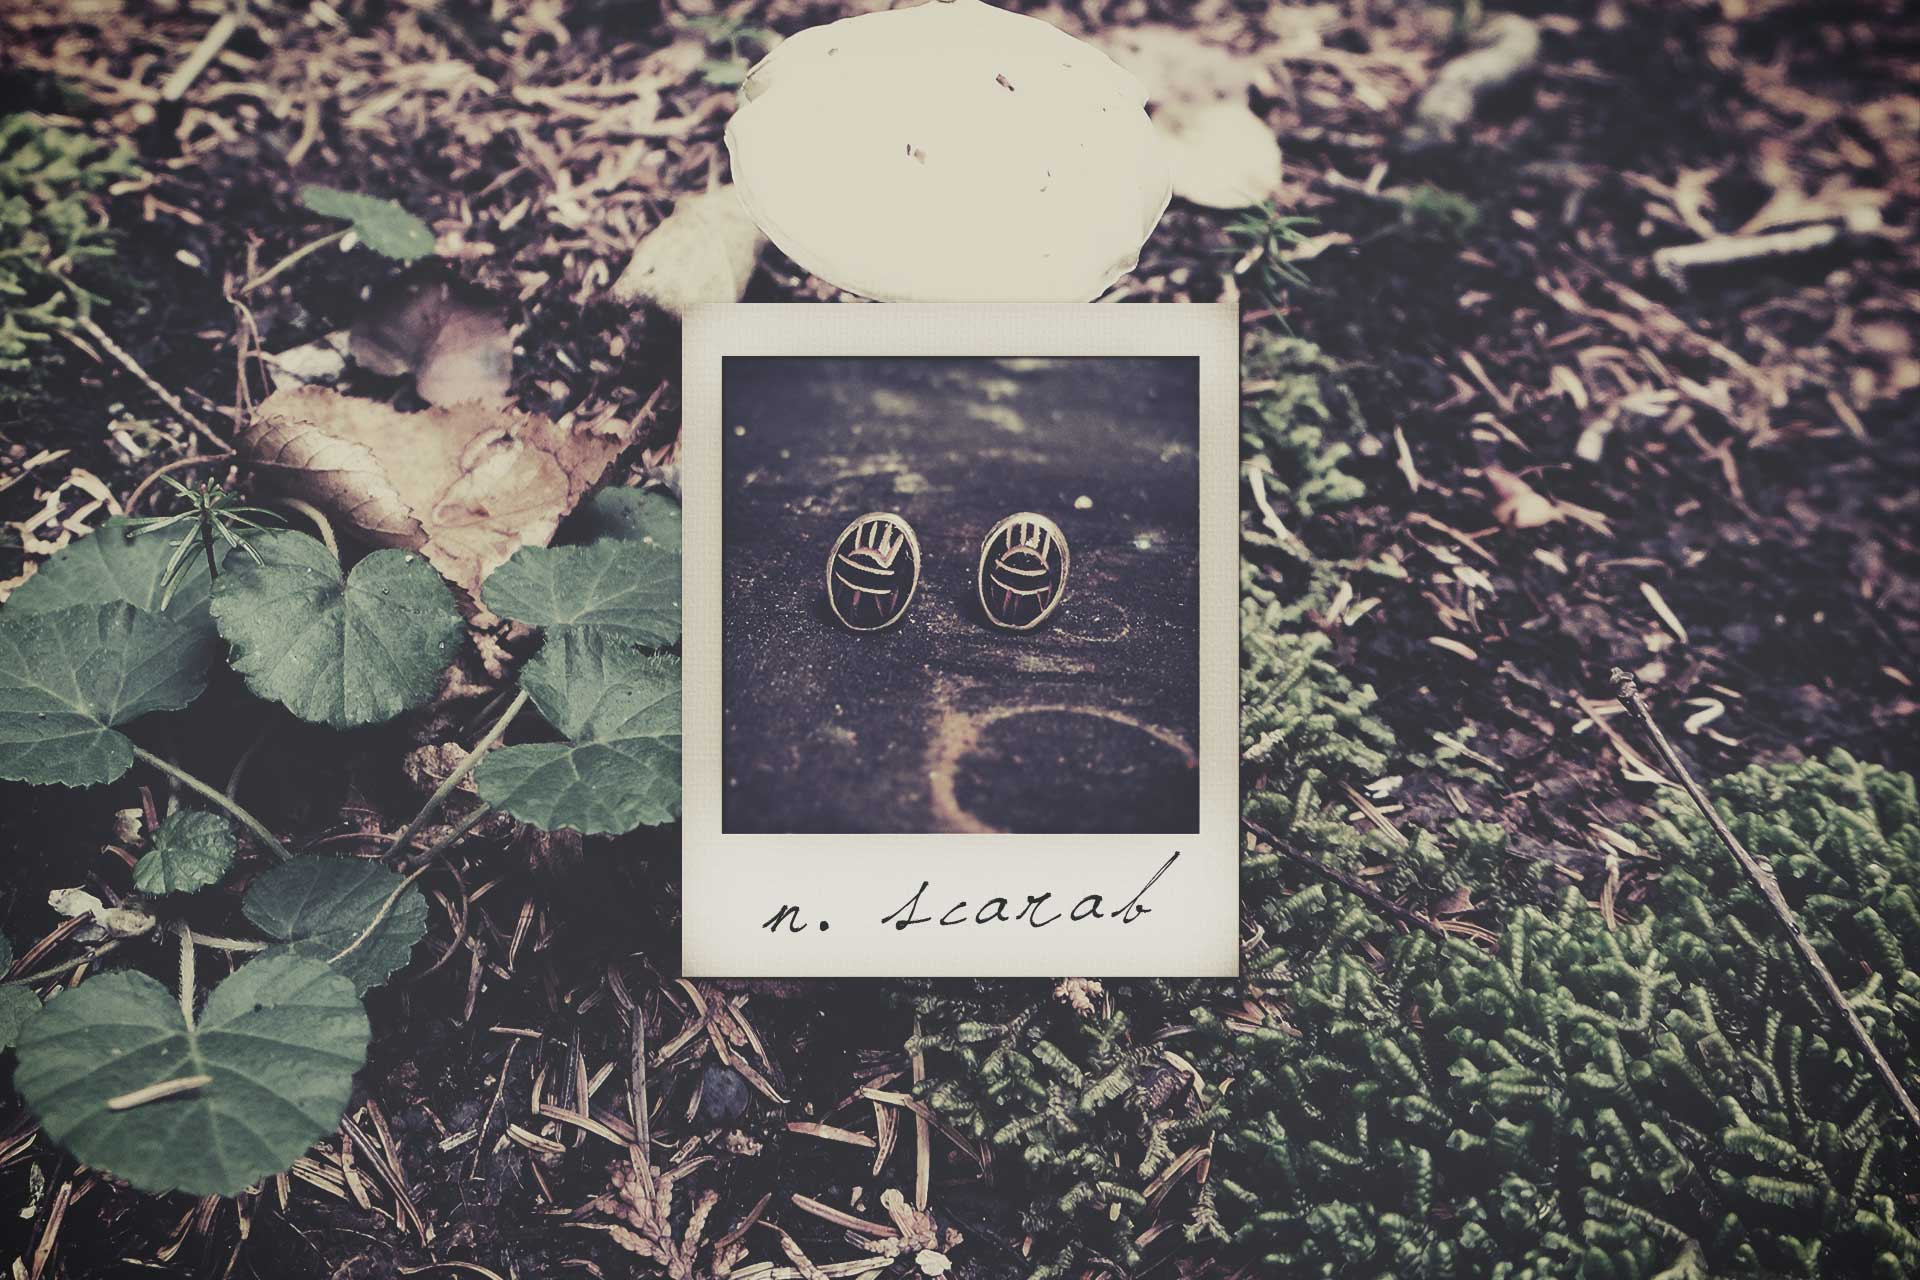 LN-polaroid-scarab2.jpg